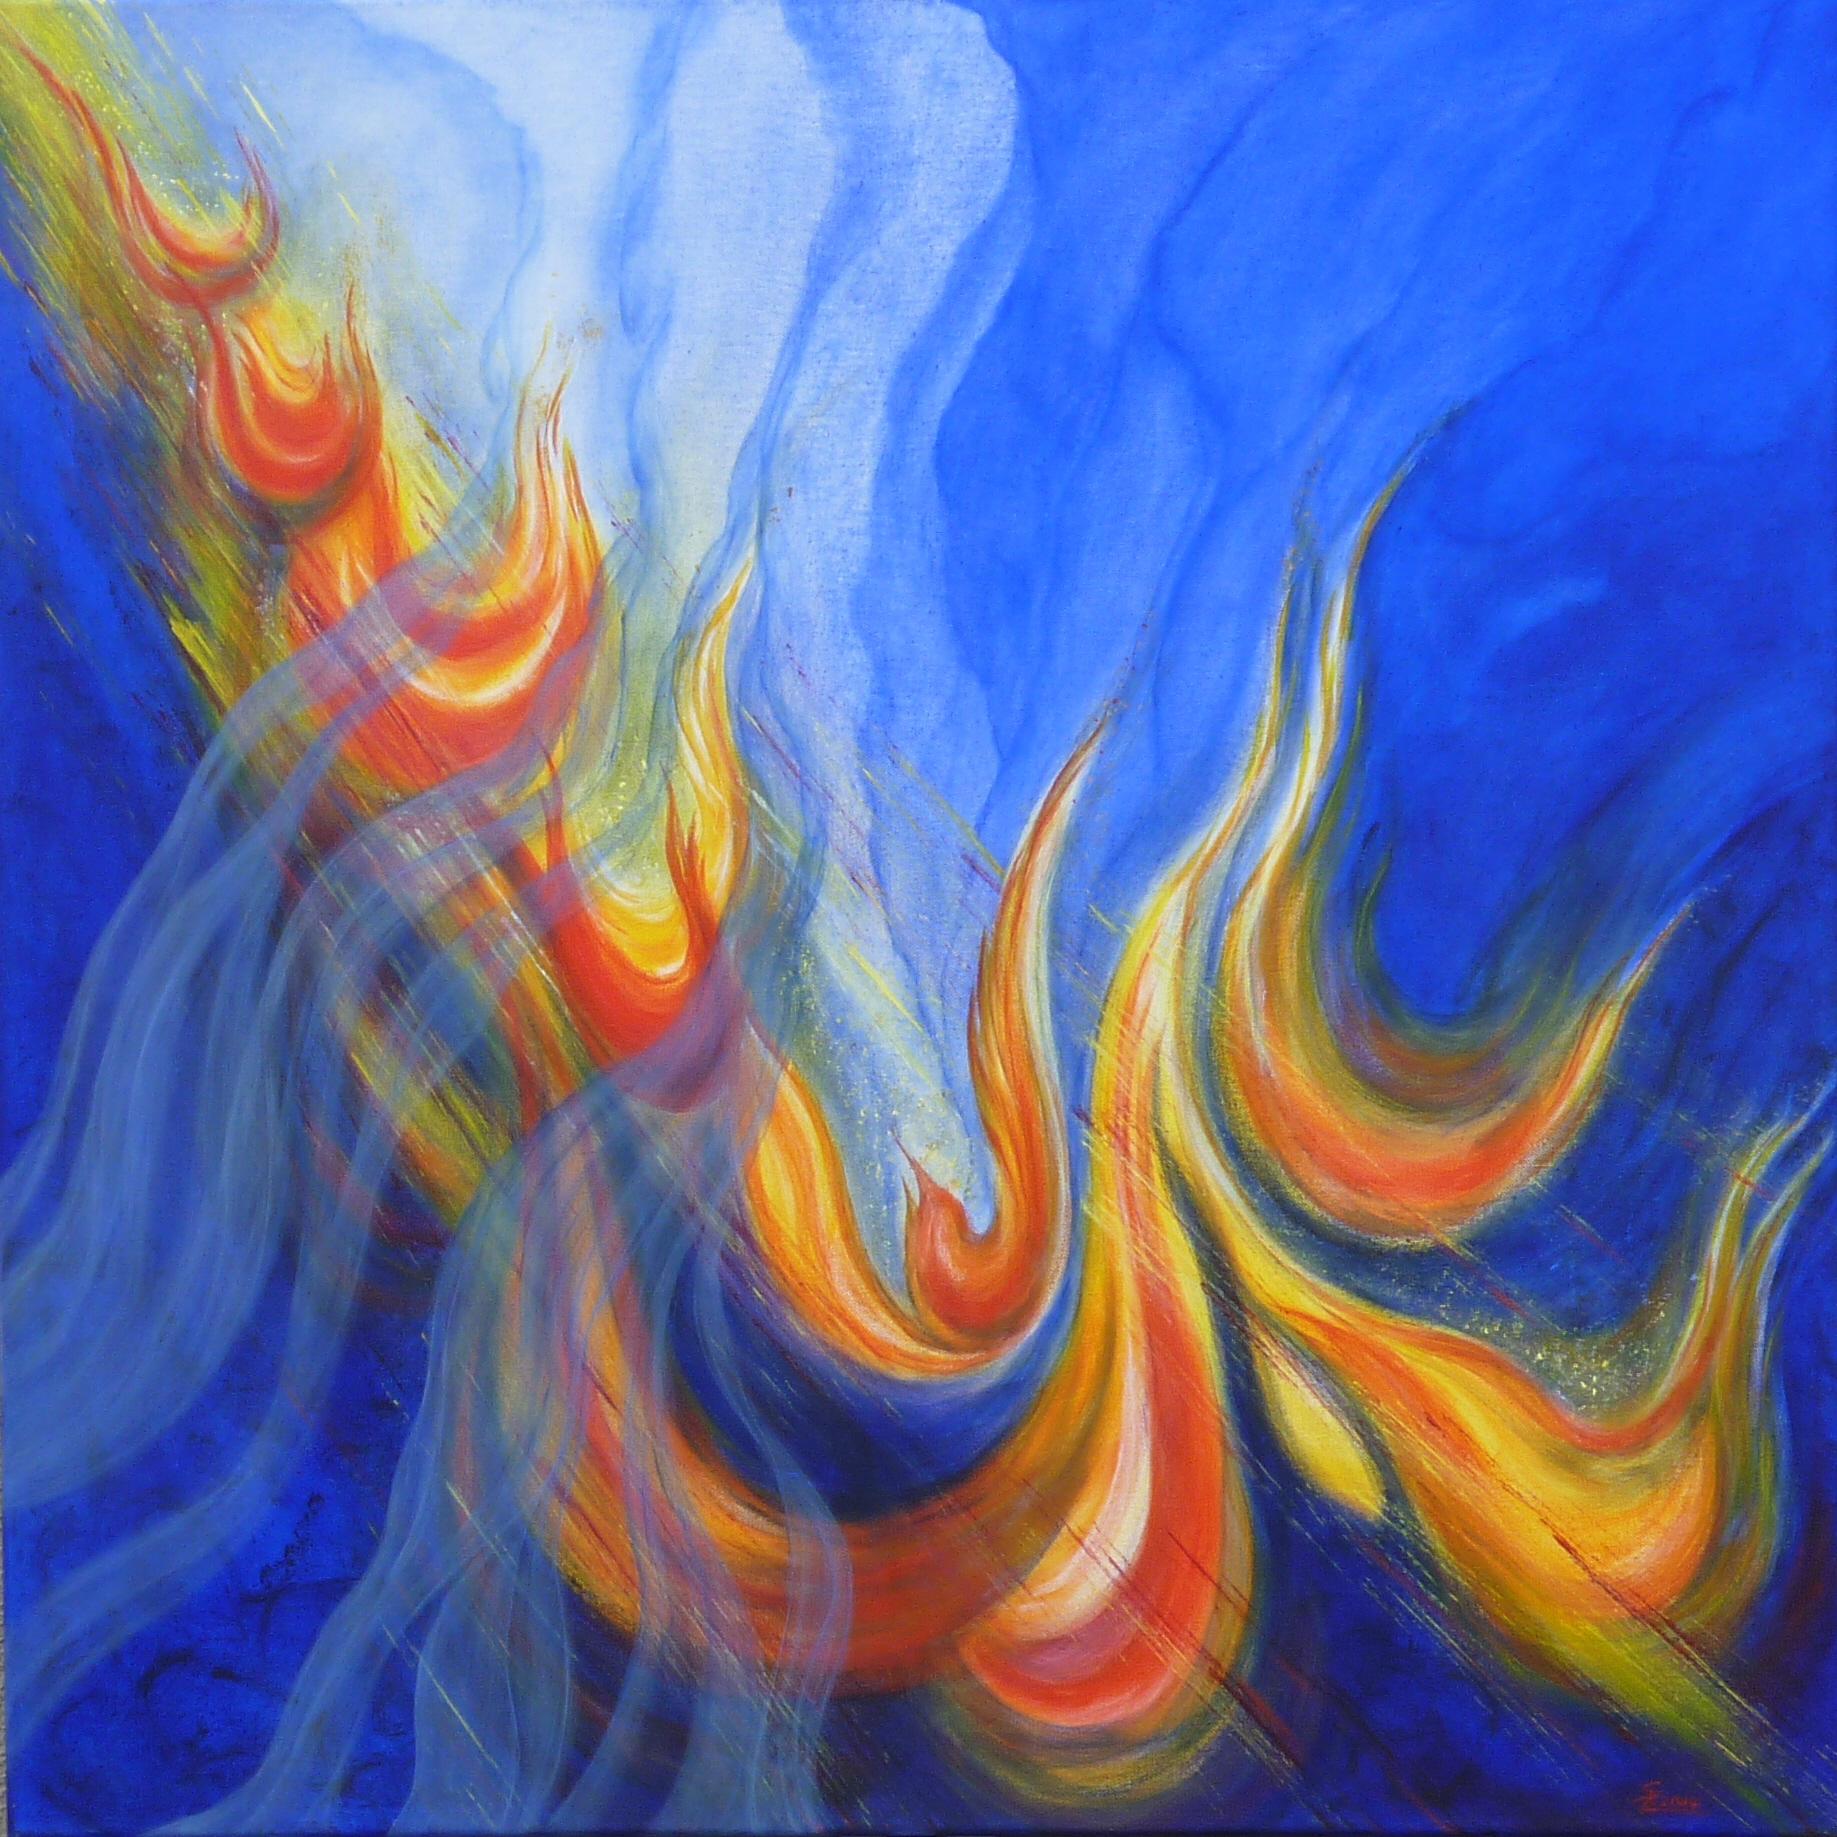 Feuer vom Himmel